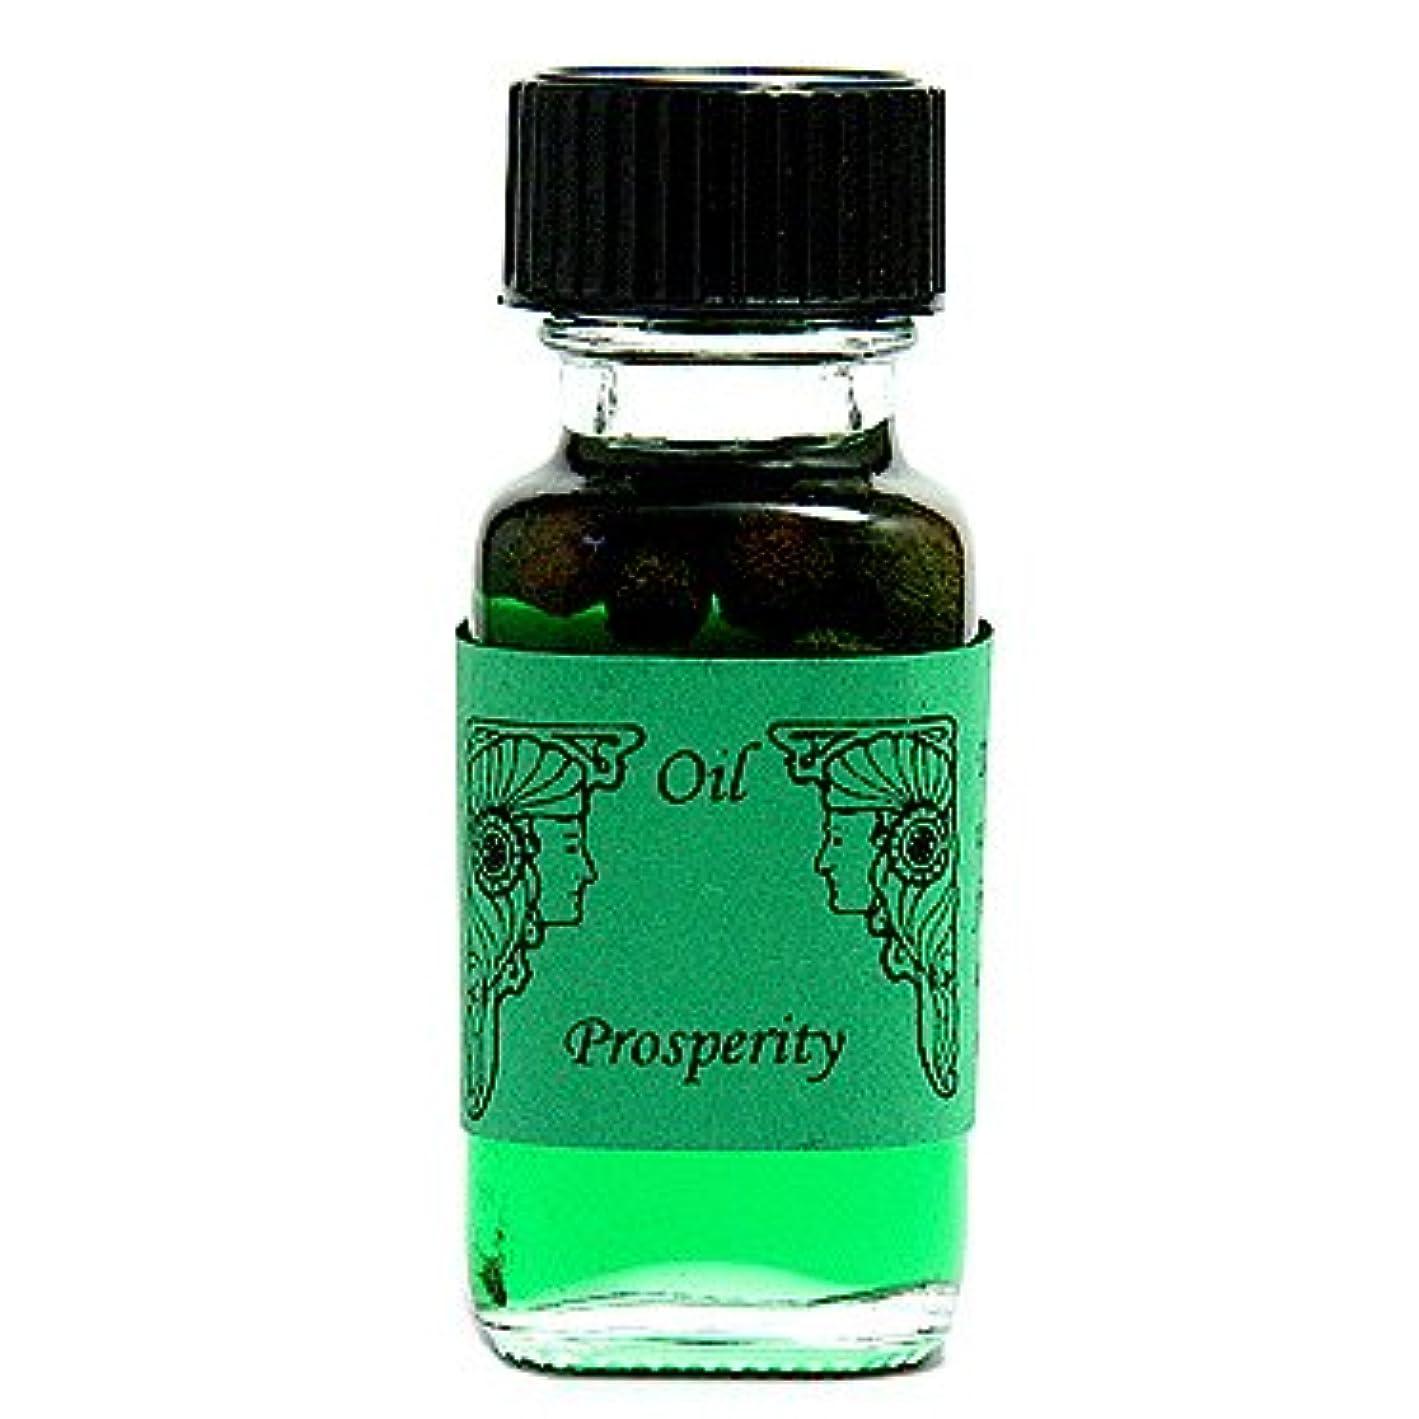 頑固な起業家オプショナルアンシェントメモリーオイル プロスペリティ (繁栄) 15ml (Ancient Memory Oils)